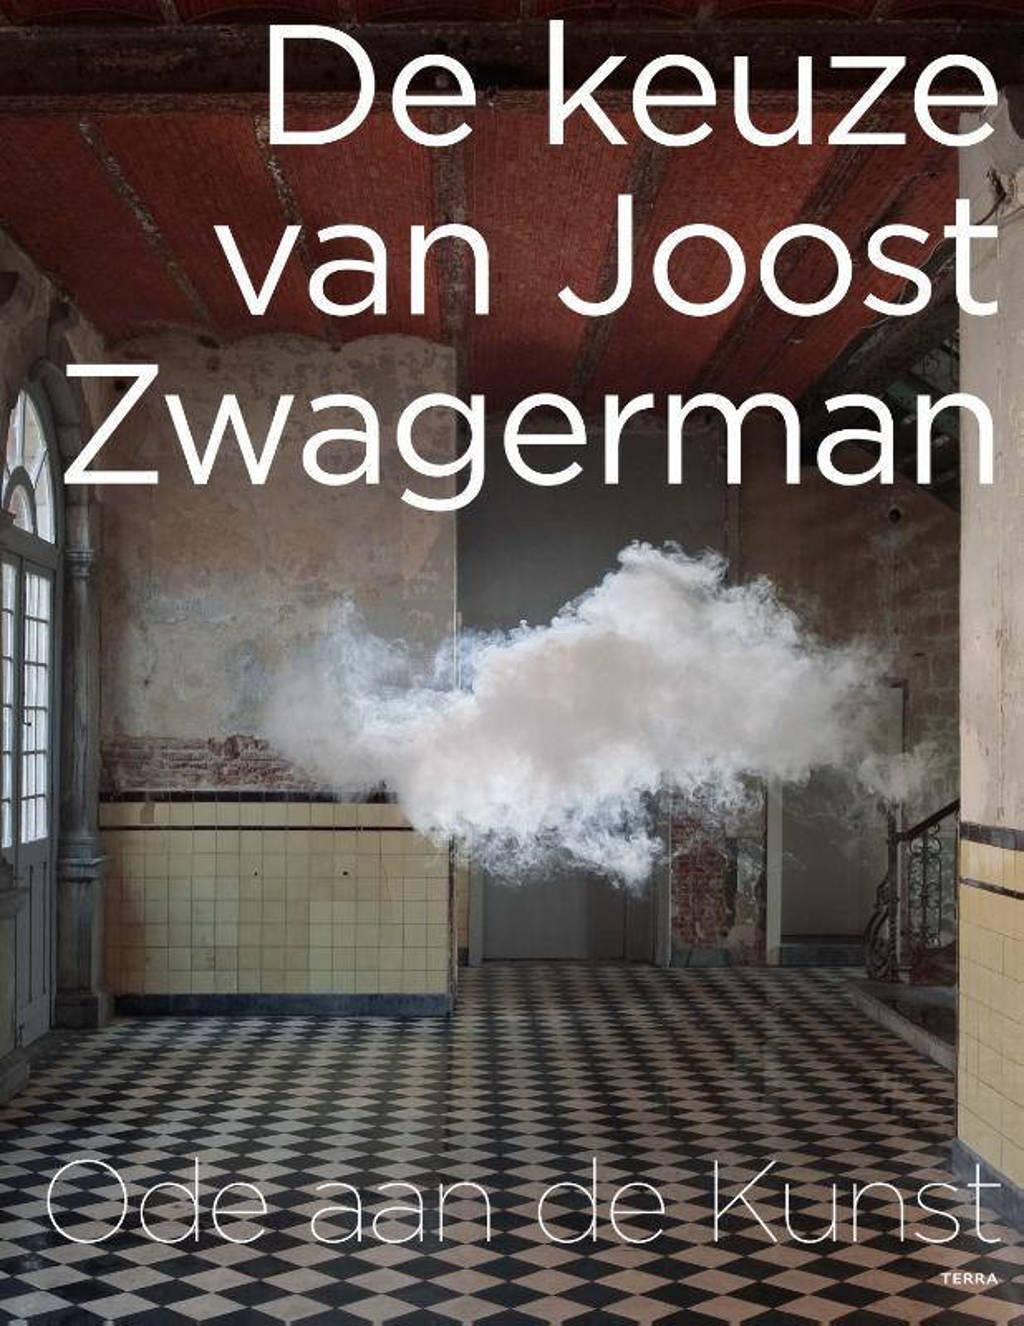 De keuze van Joost Zwagerman - Joost Zwagerman